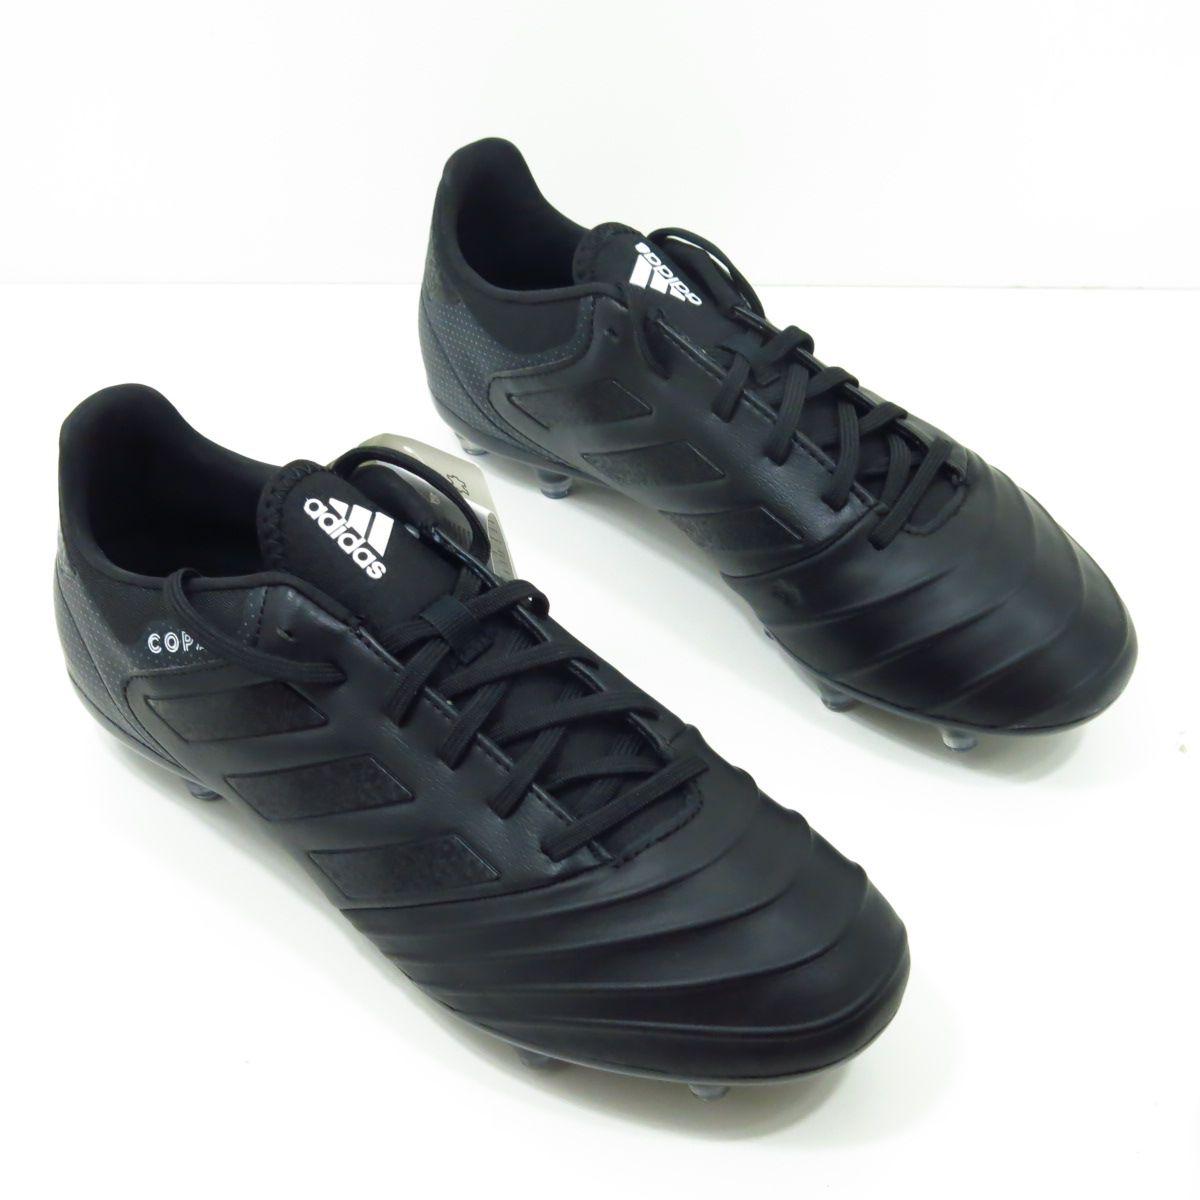 Chuteira Adidas Copa 18.2 FG - Couro